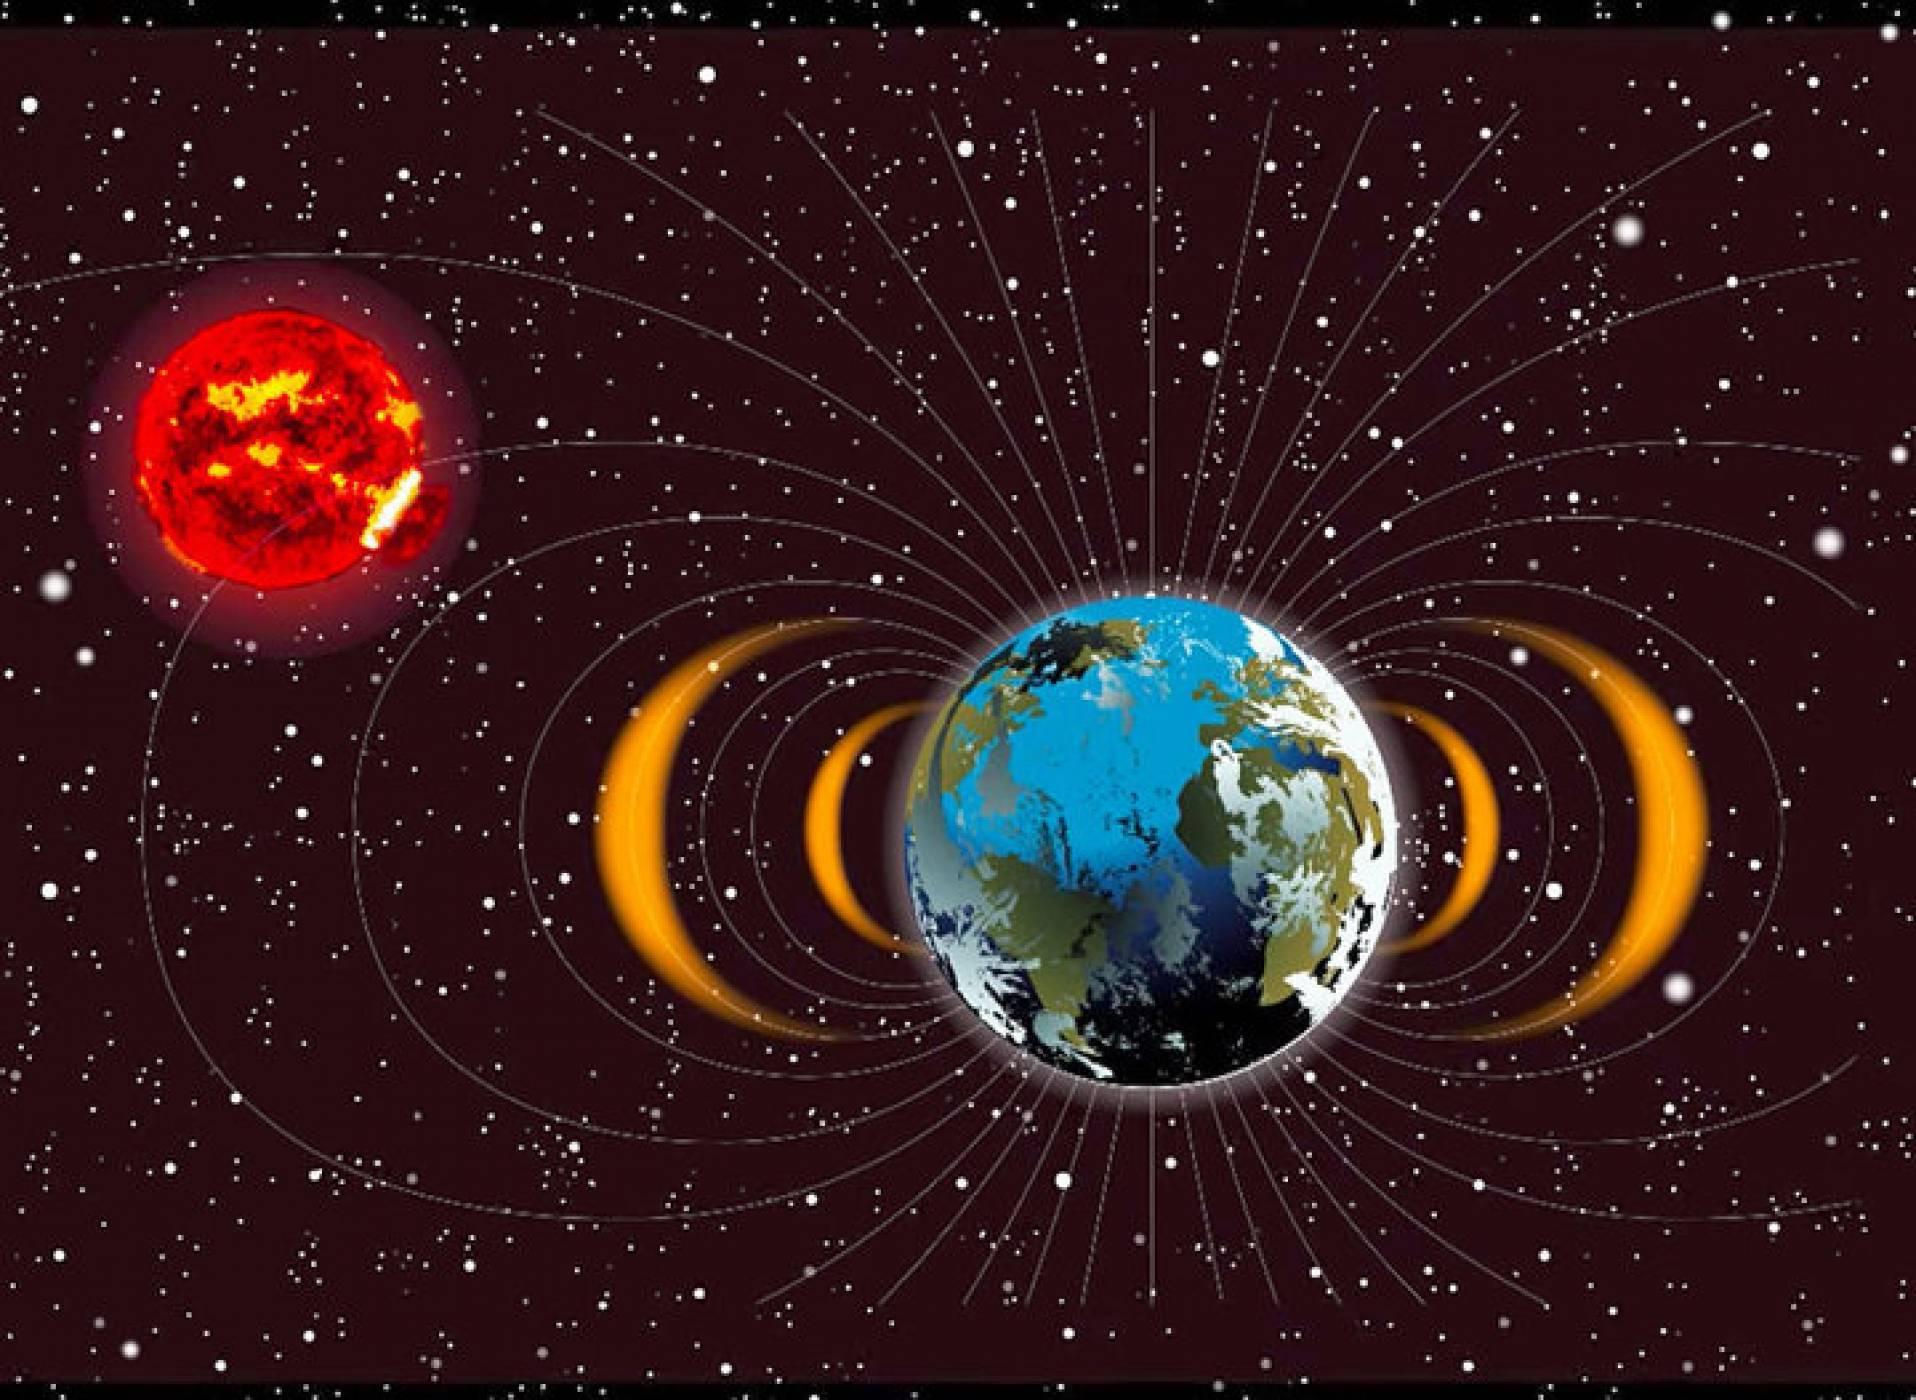 Човечеството инцидентно е създало защитна обвивка около Земята